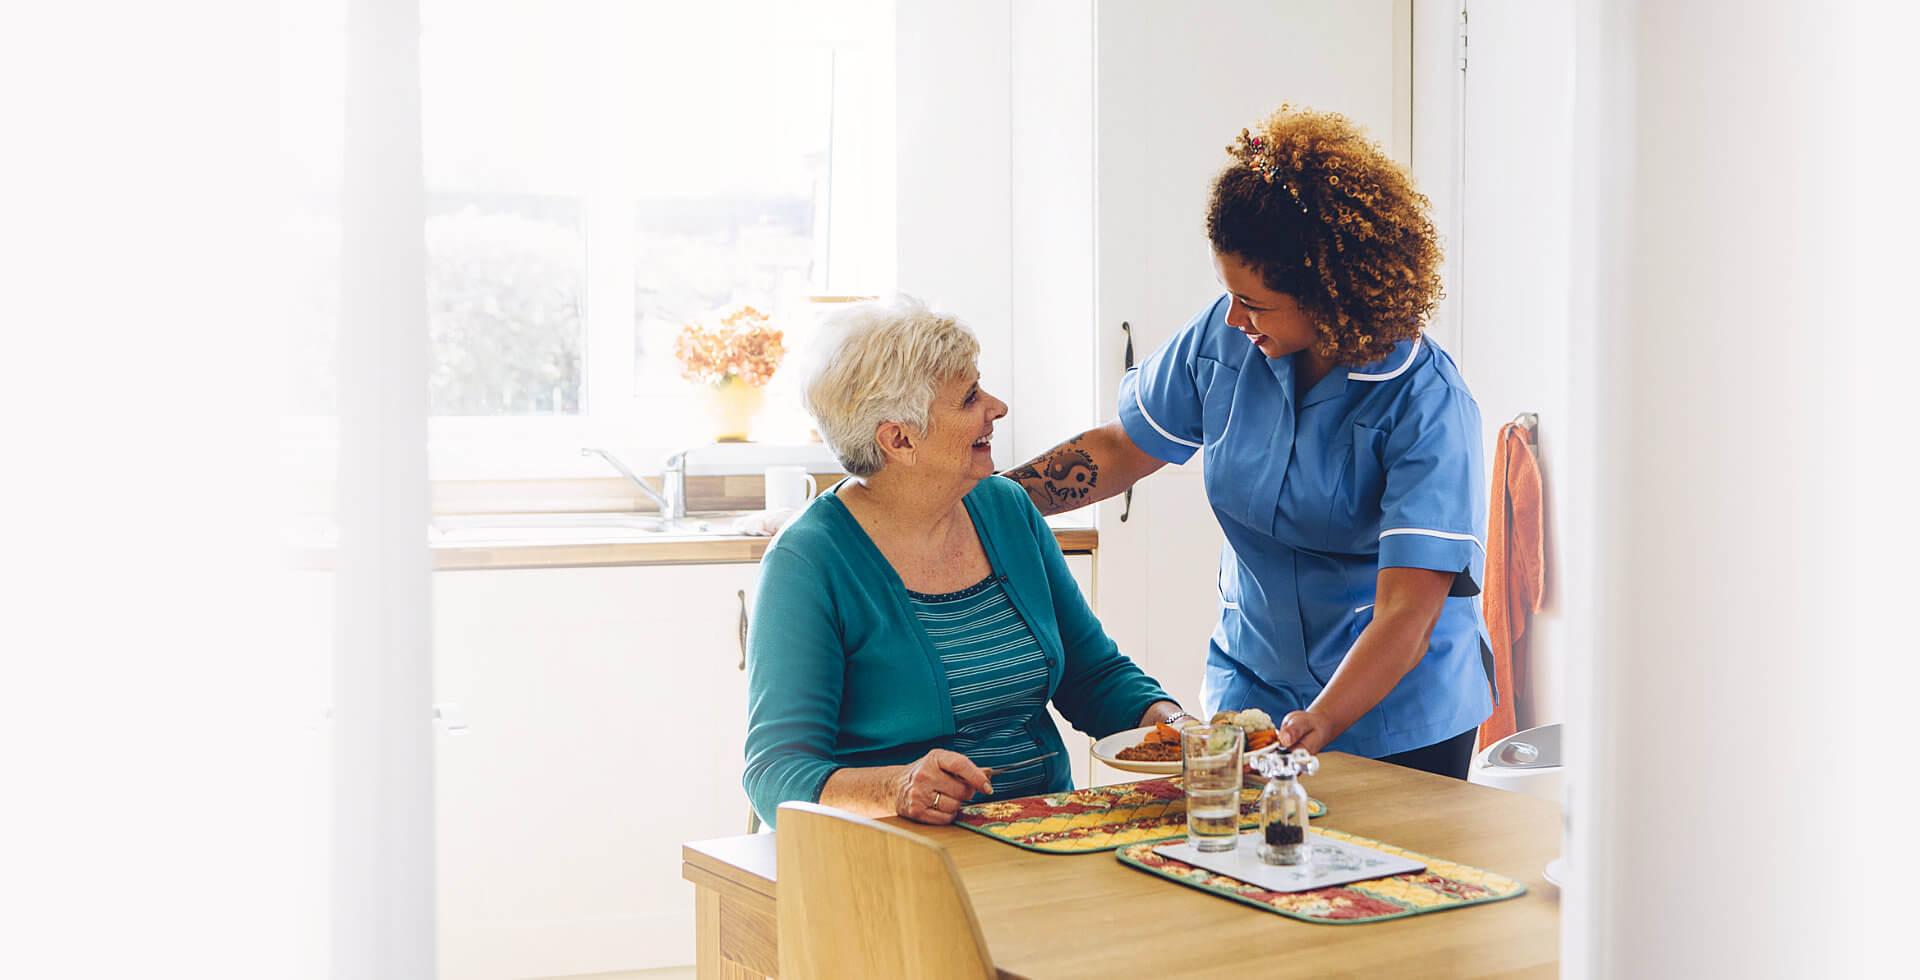 elder woman eating, accompanied by a nurse